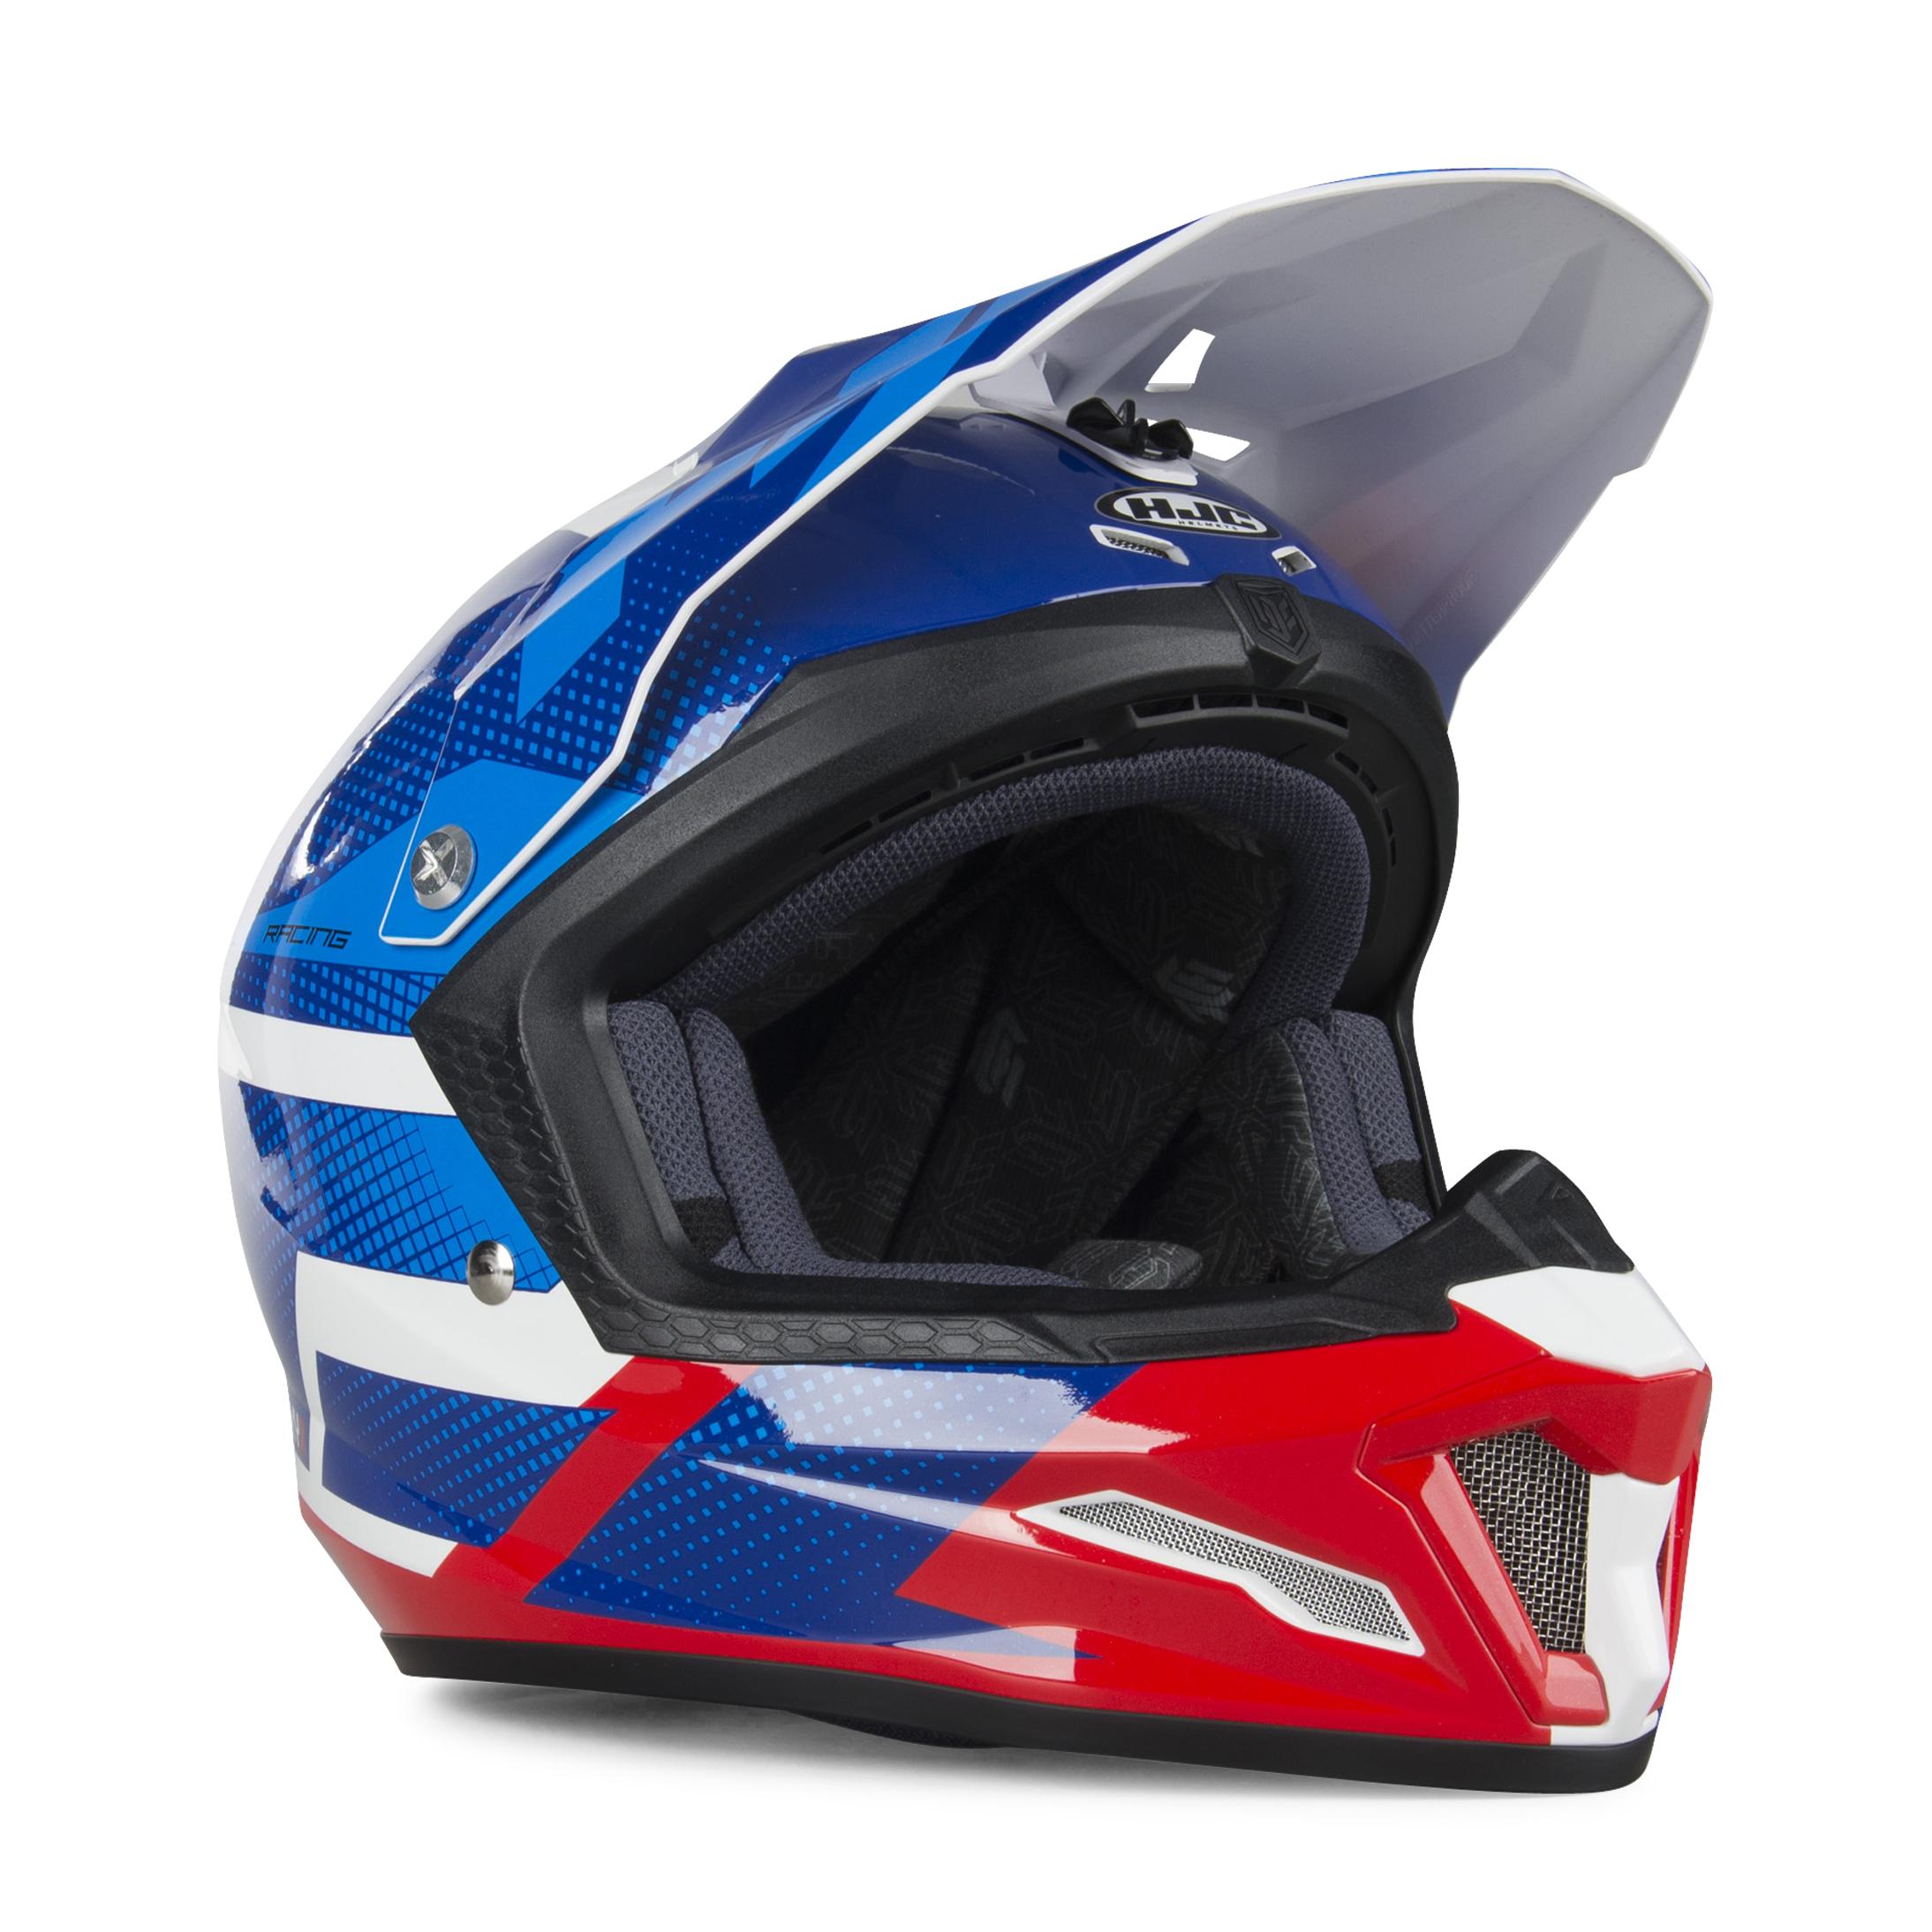 HJC Casque Enfant HJC CL-XY Argos Bleu-Rouge XL 55-56cm